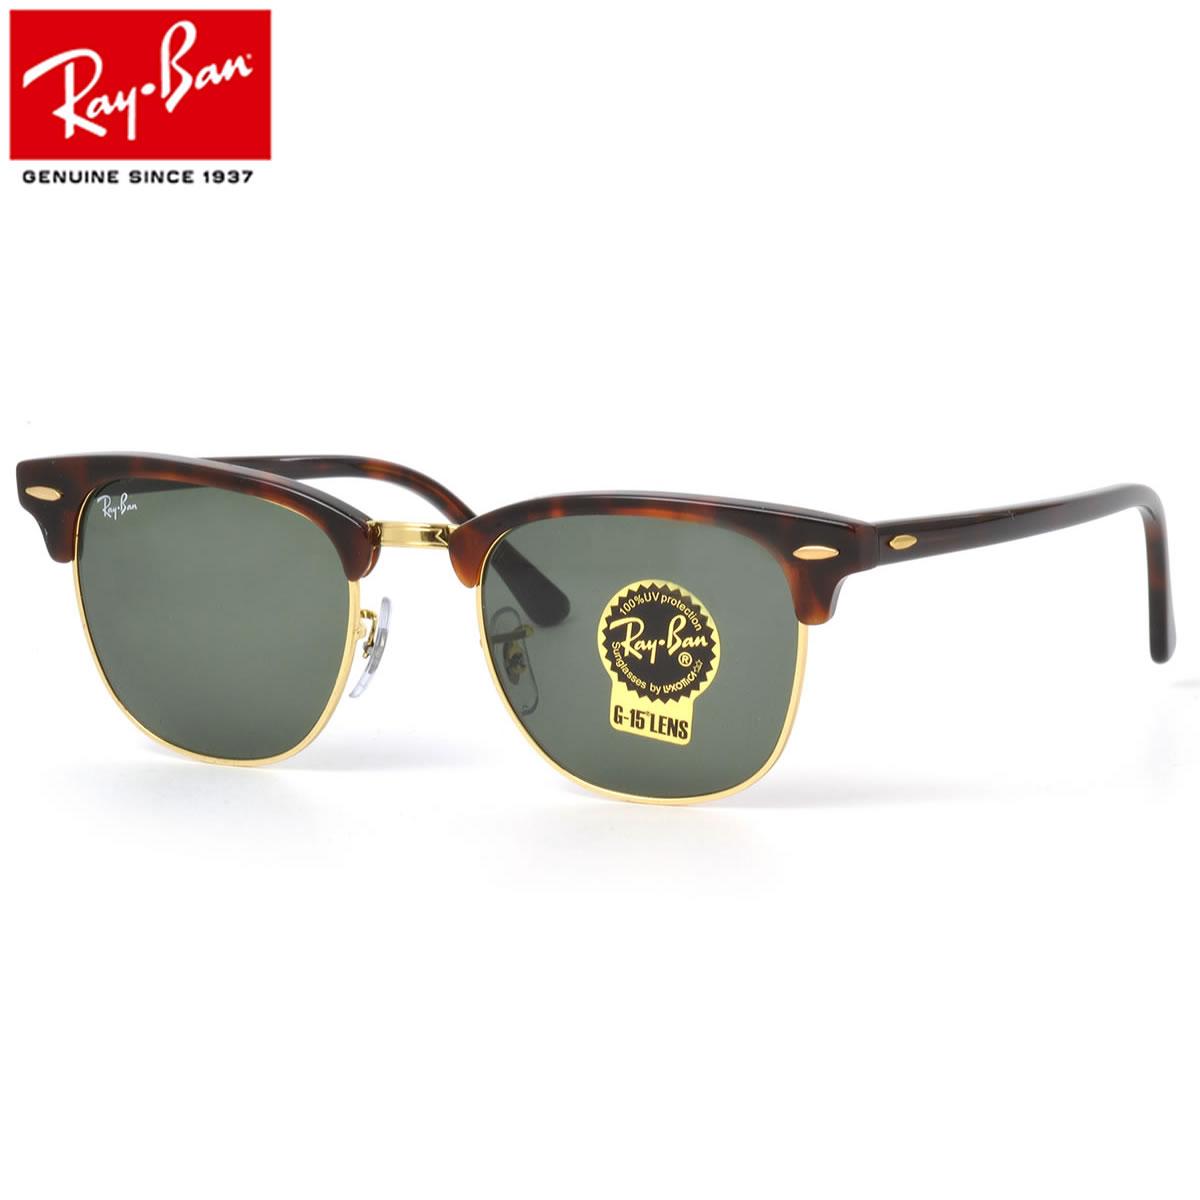 レイバン サングラス クラブマスター Ray-Ban RB3016 W0366 51サイズ…...:thats:10026187